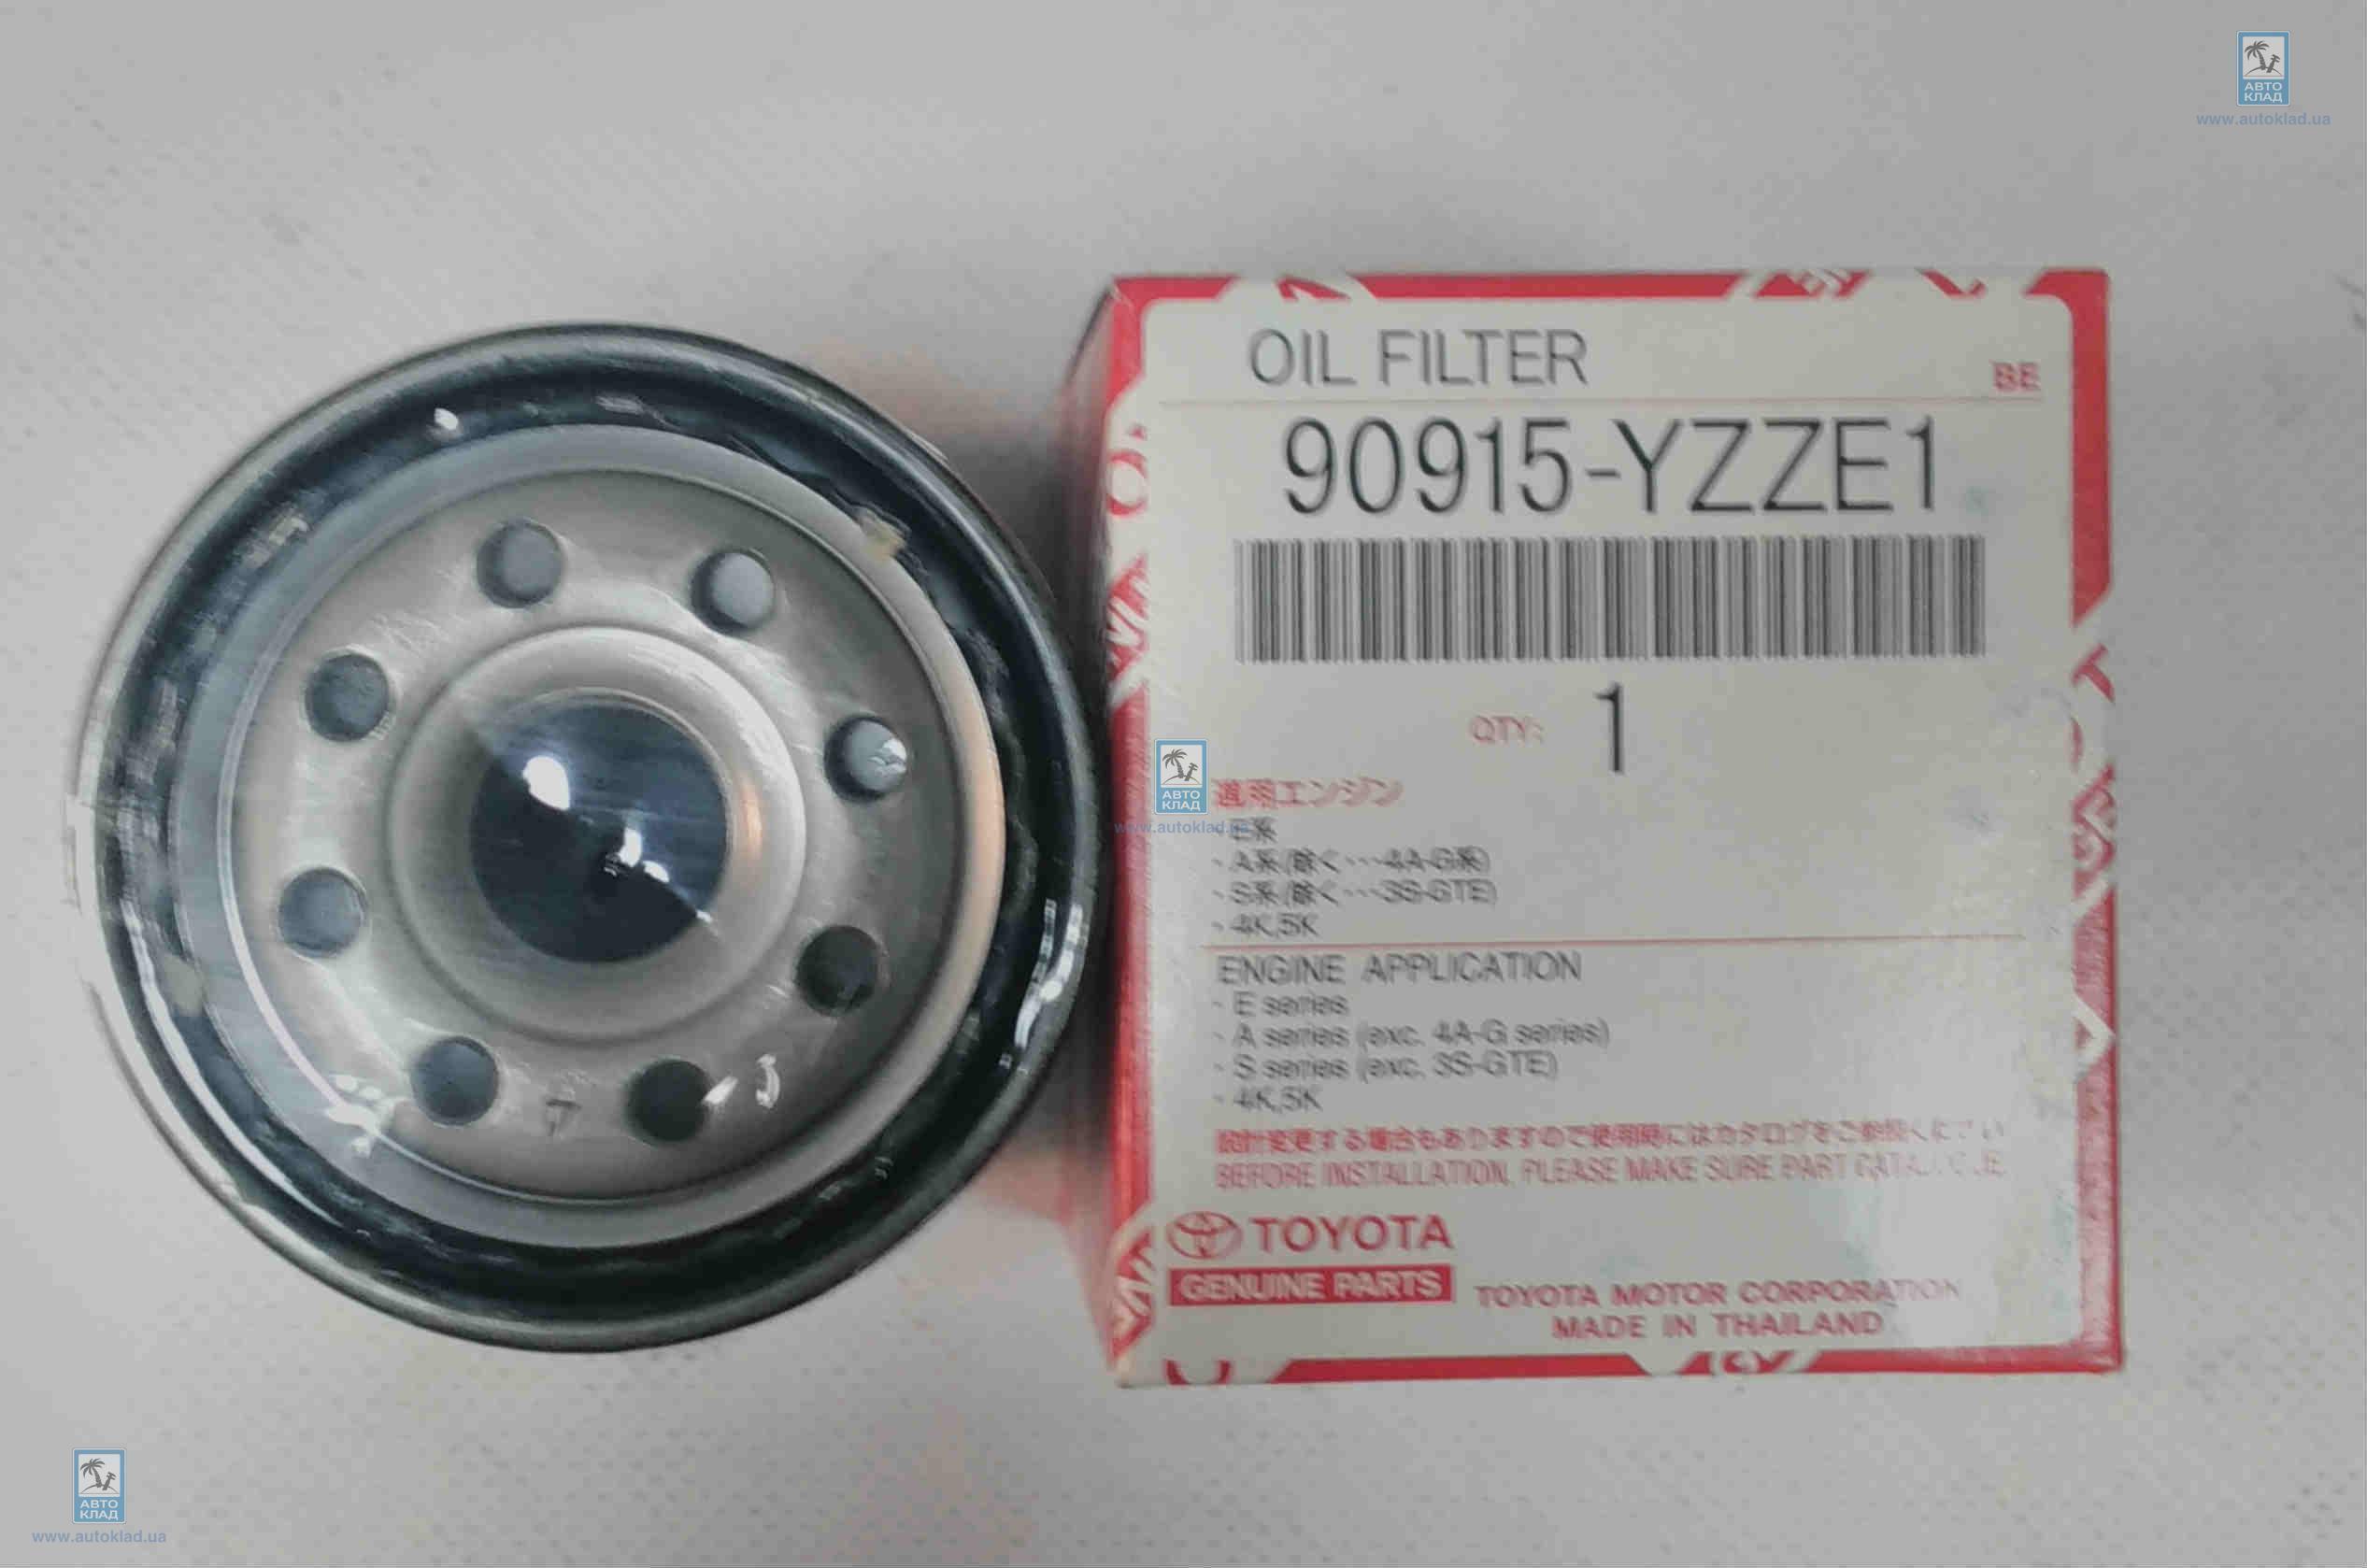 Фильтр масляный TOYOTA 90915-YZZE1: описание